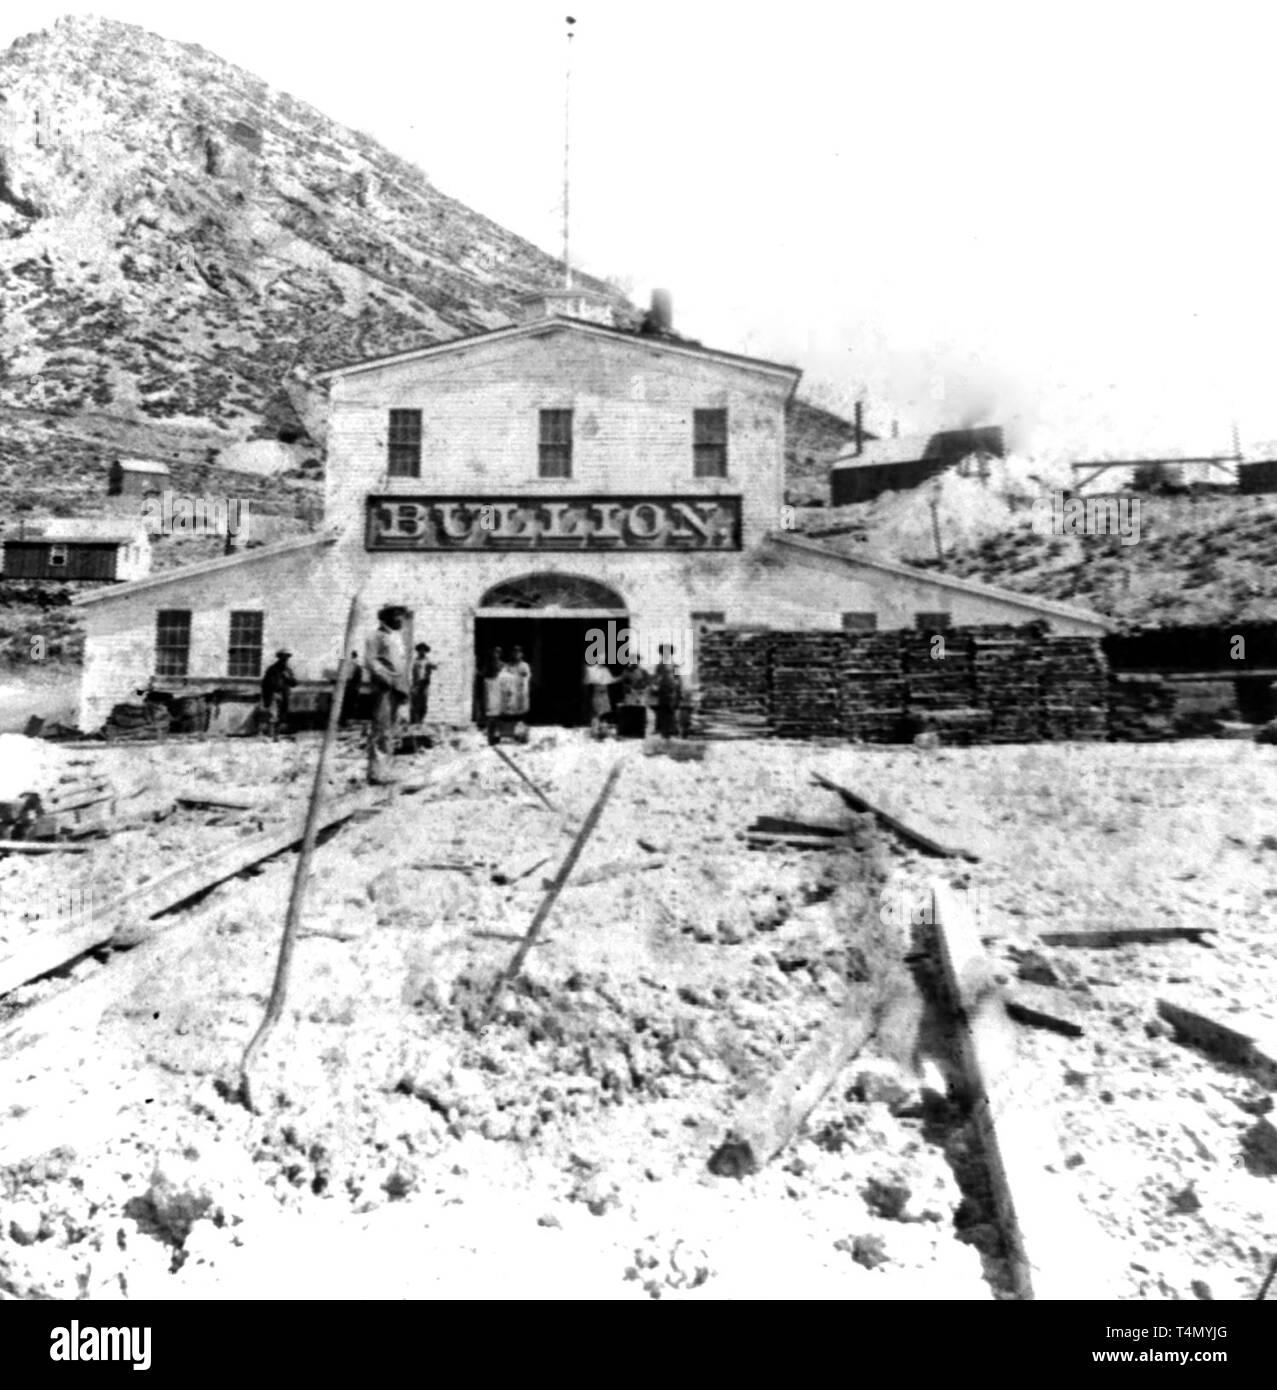 Nevada History - Bullion mine, Gold Hill, Nevada  ca. 1866 - Stock Image